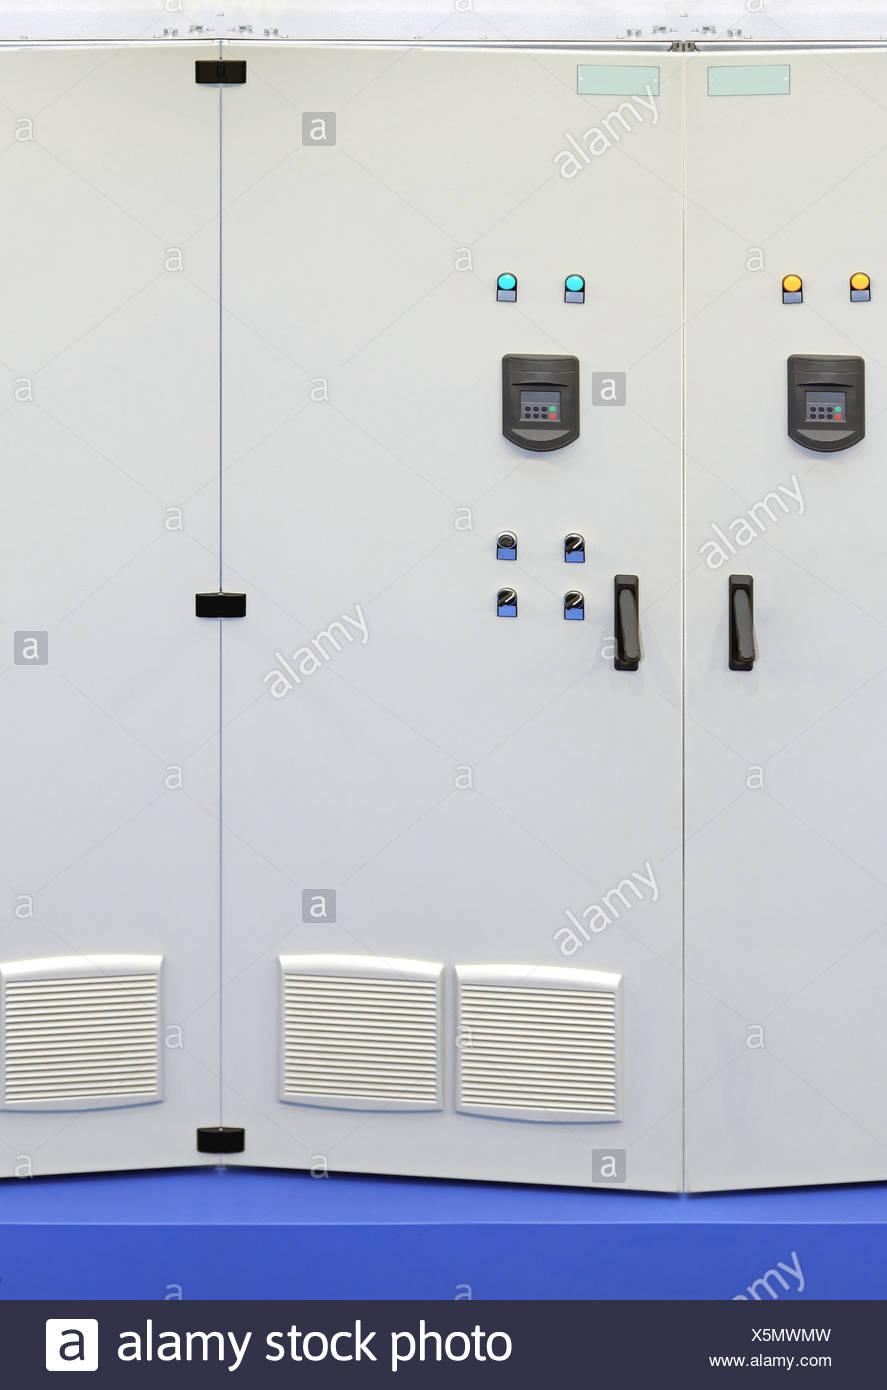 Industrial Voltage Regulator - Stock Image